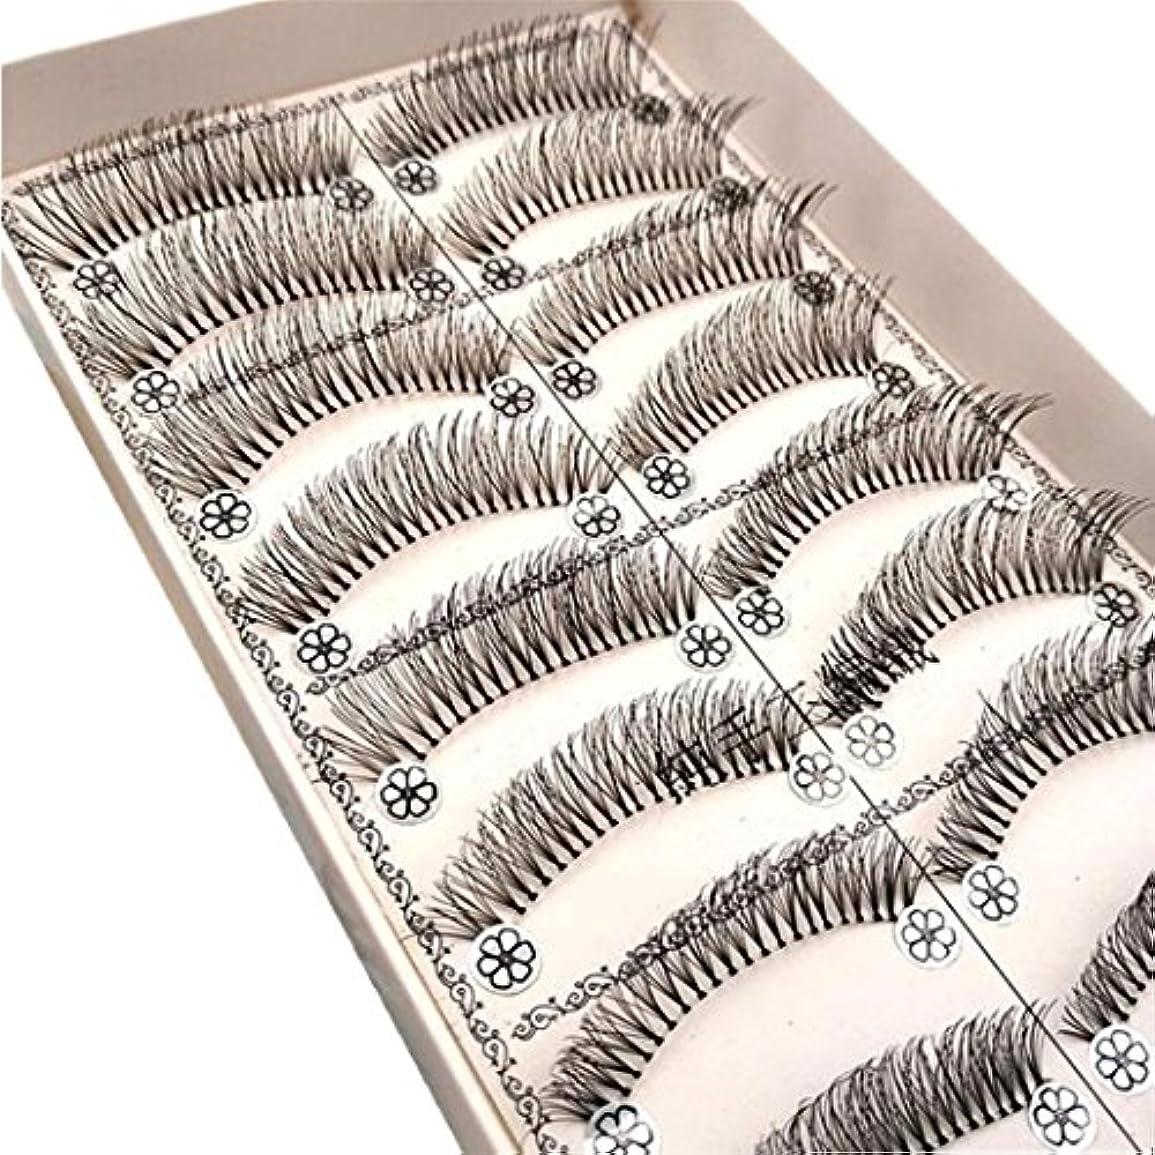 ピンク分離大臣Feteso 10組 偽のまつげセット つけまつげ 上まつげ Eyelashes アイラッシュ ビューティー まつげエクステ レディース 化粧ツール アイメイクアップ 人気 ナチュラル 飾り 再利用可能 濃密 柔らかい